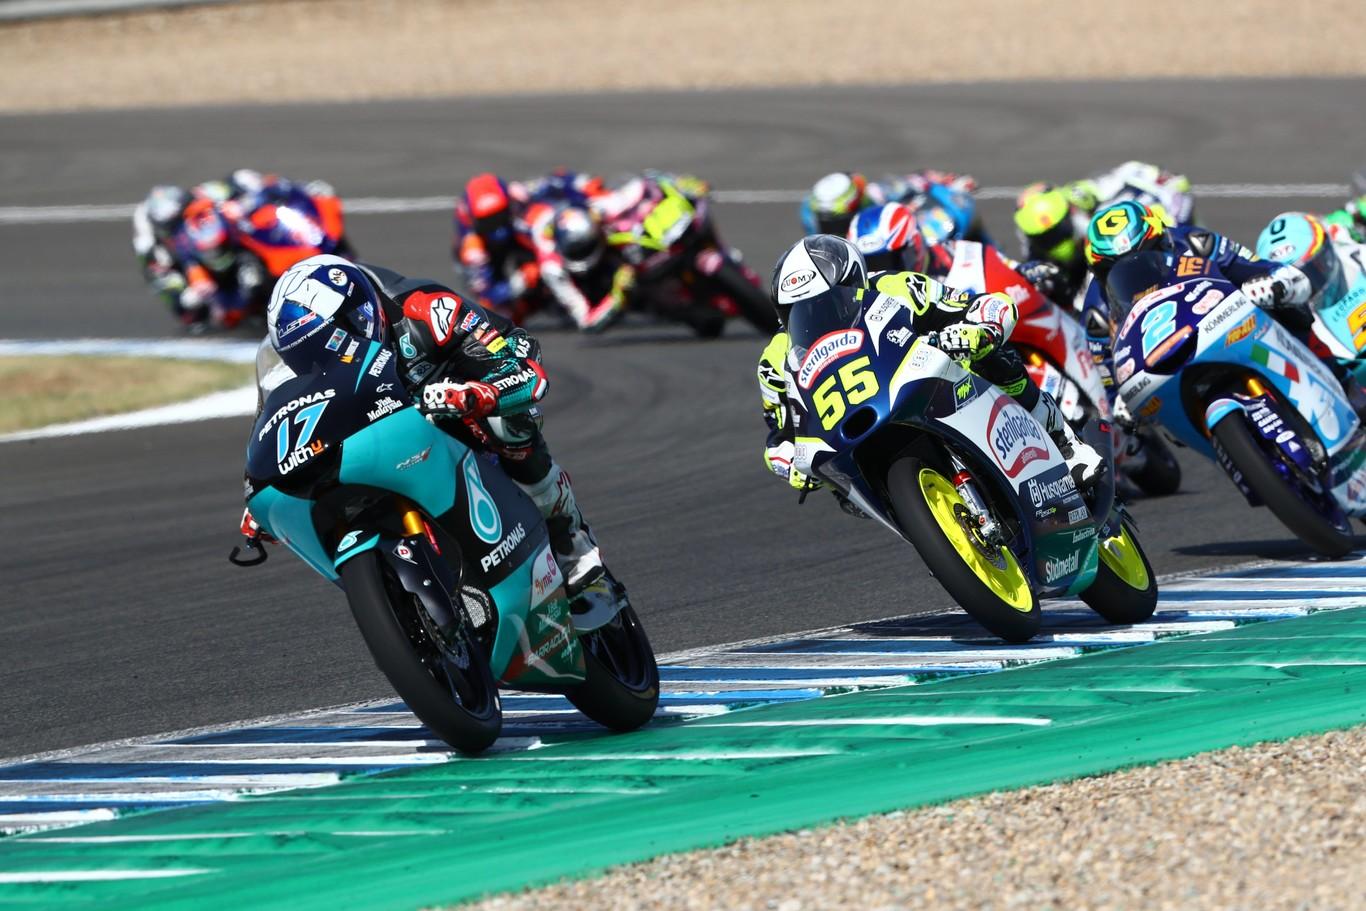 John McPhee lidera los segundos entrenamientos libres de Moto3 pero Raúl Fernández es el más rápido